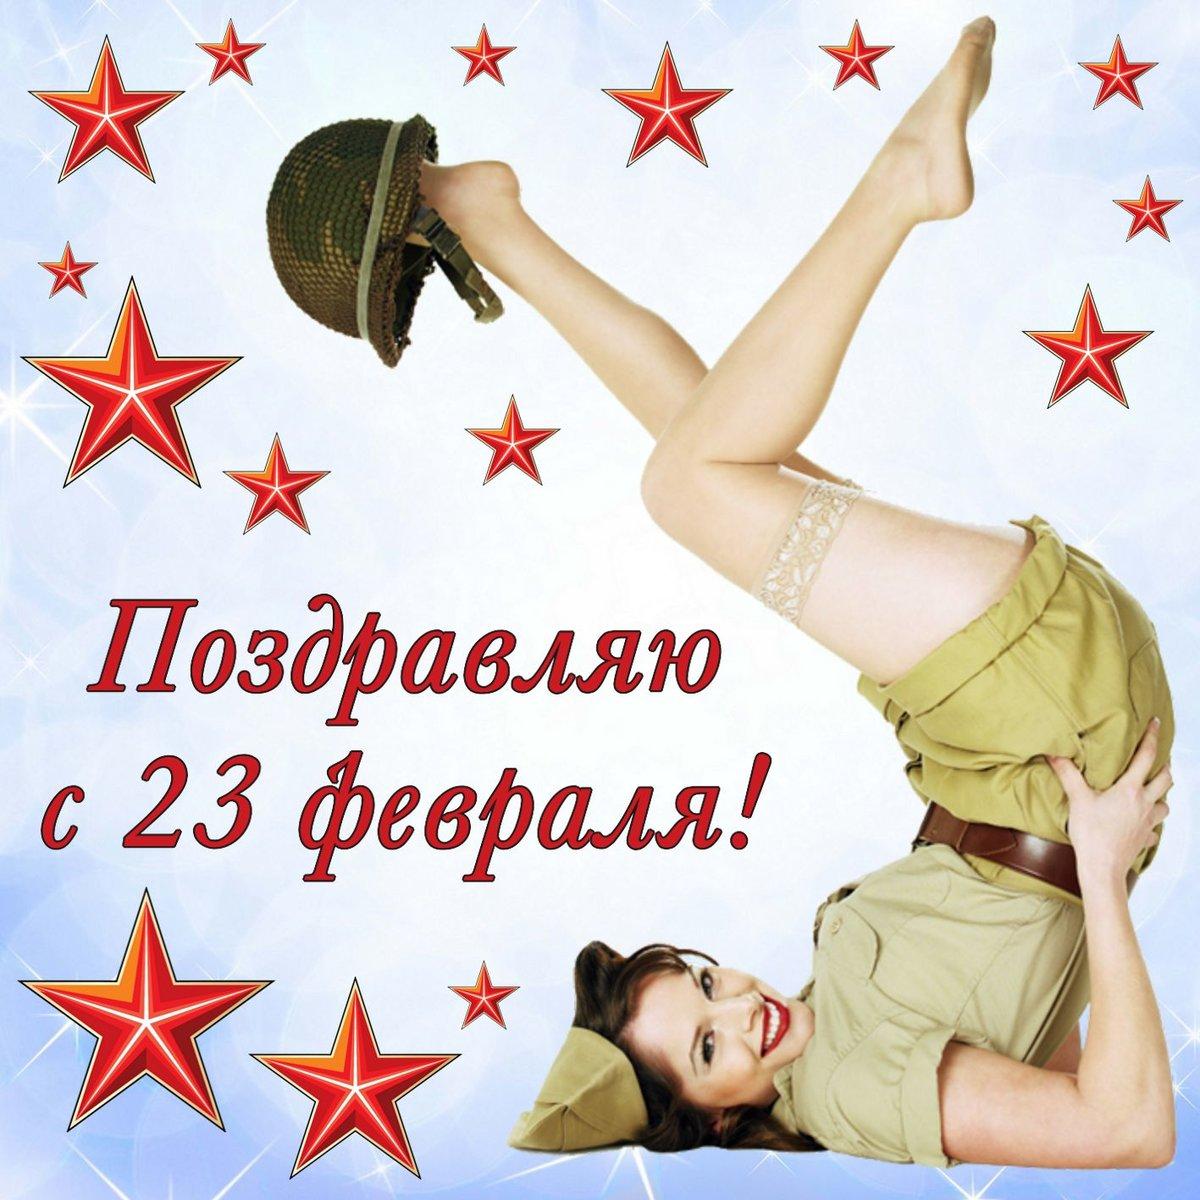 ❶Открытки с 23 февраля красивые|Как правильно писать защитник отечества|Pin by Ludmila on школа | Pinterest | Humor, Funny and Quotes|красивые открытки с 23 февраля|}